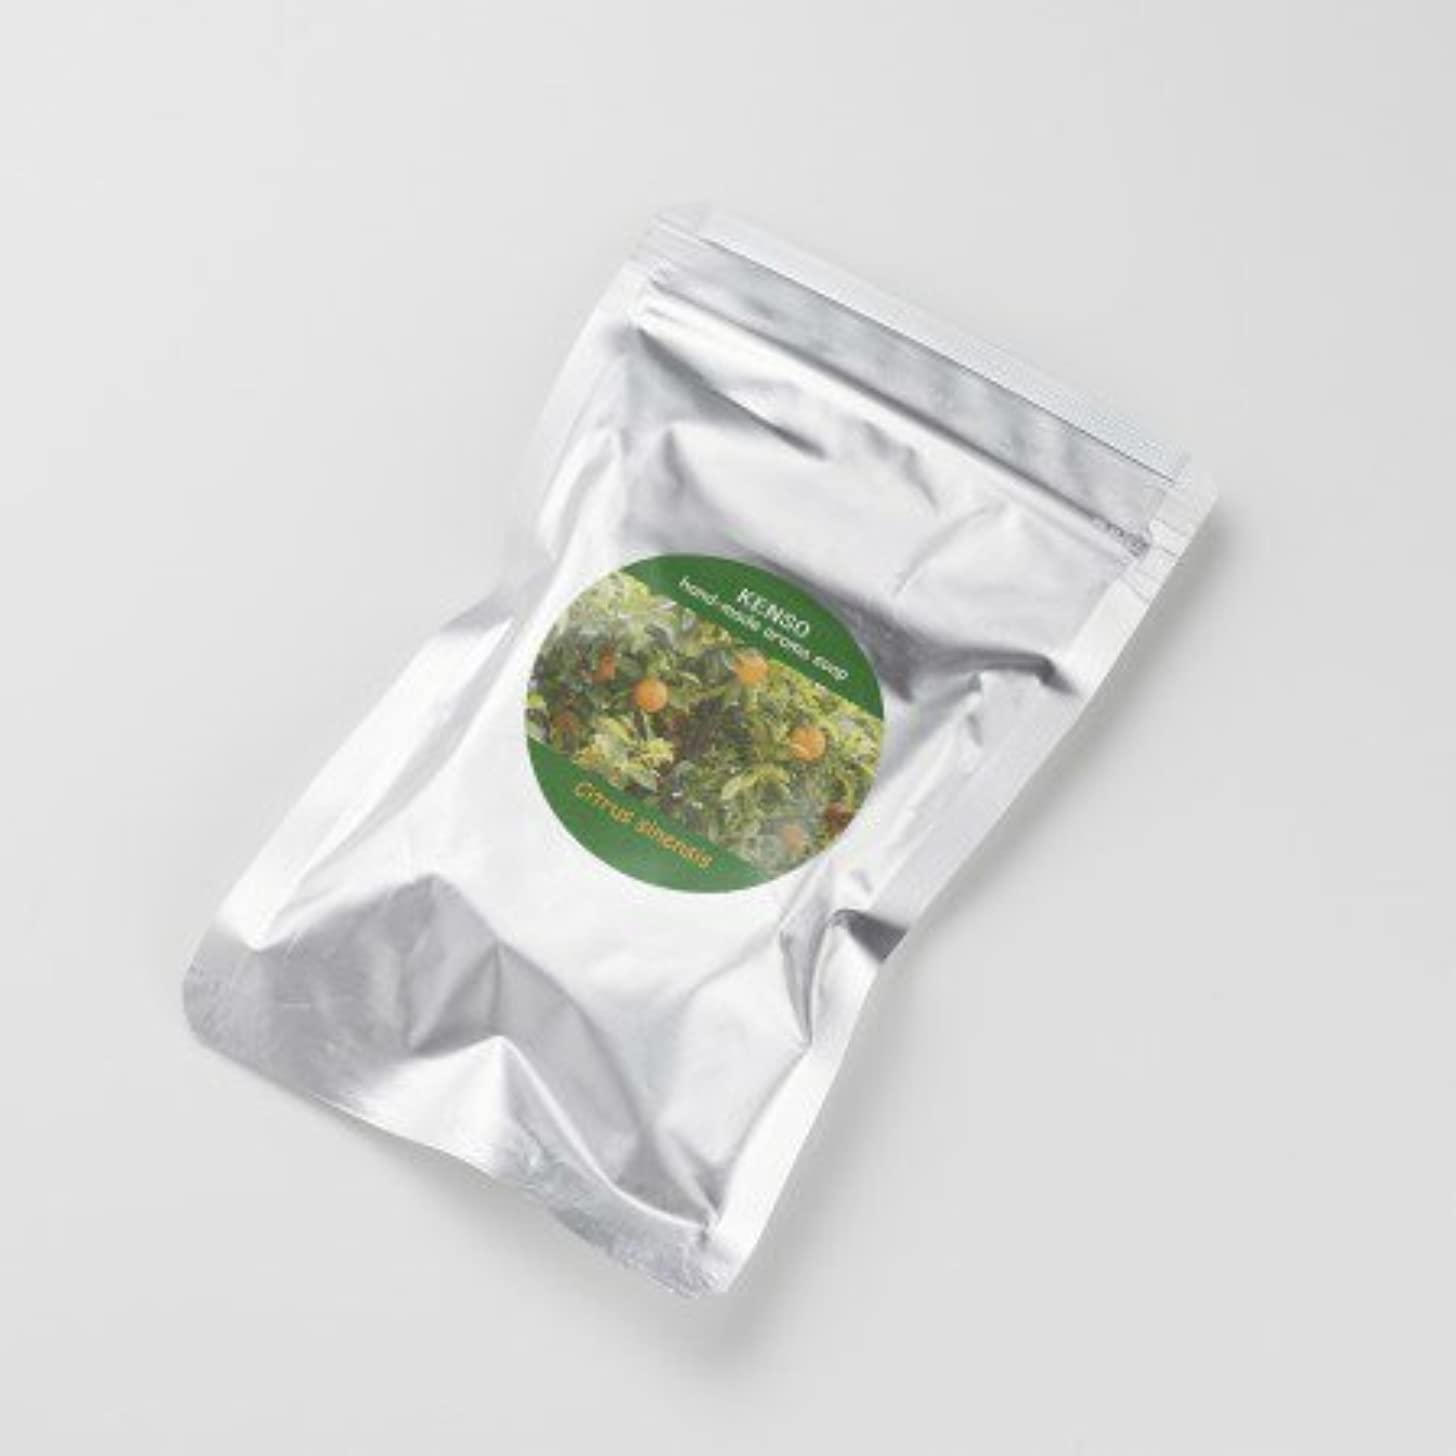 フェデレーションしみ再生的ケンソー アロマグリセリンソープ オレンジソープ 石鹸 50g